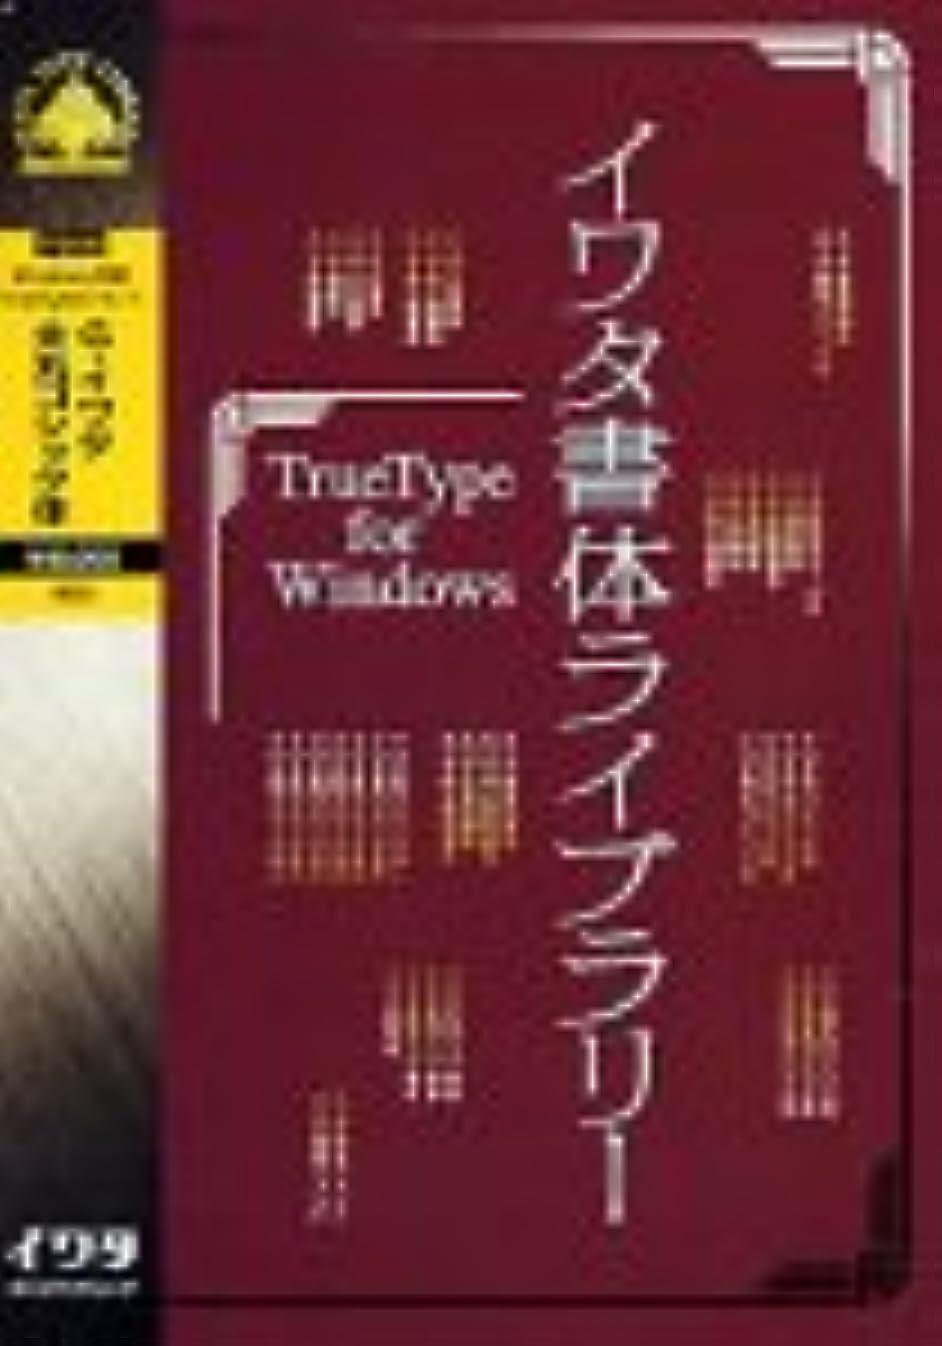 なんでも卒業記念アルバム上記の頭と肩イワタ書体ライブラリー TrueType Font for Windows G-イワタ太丸ゴシック体